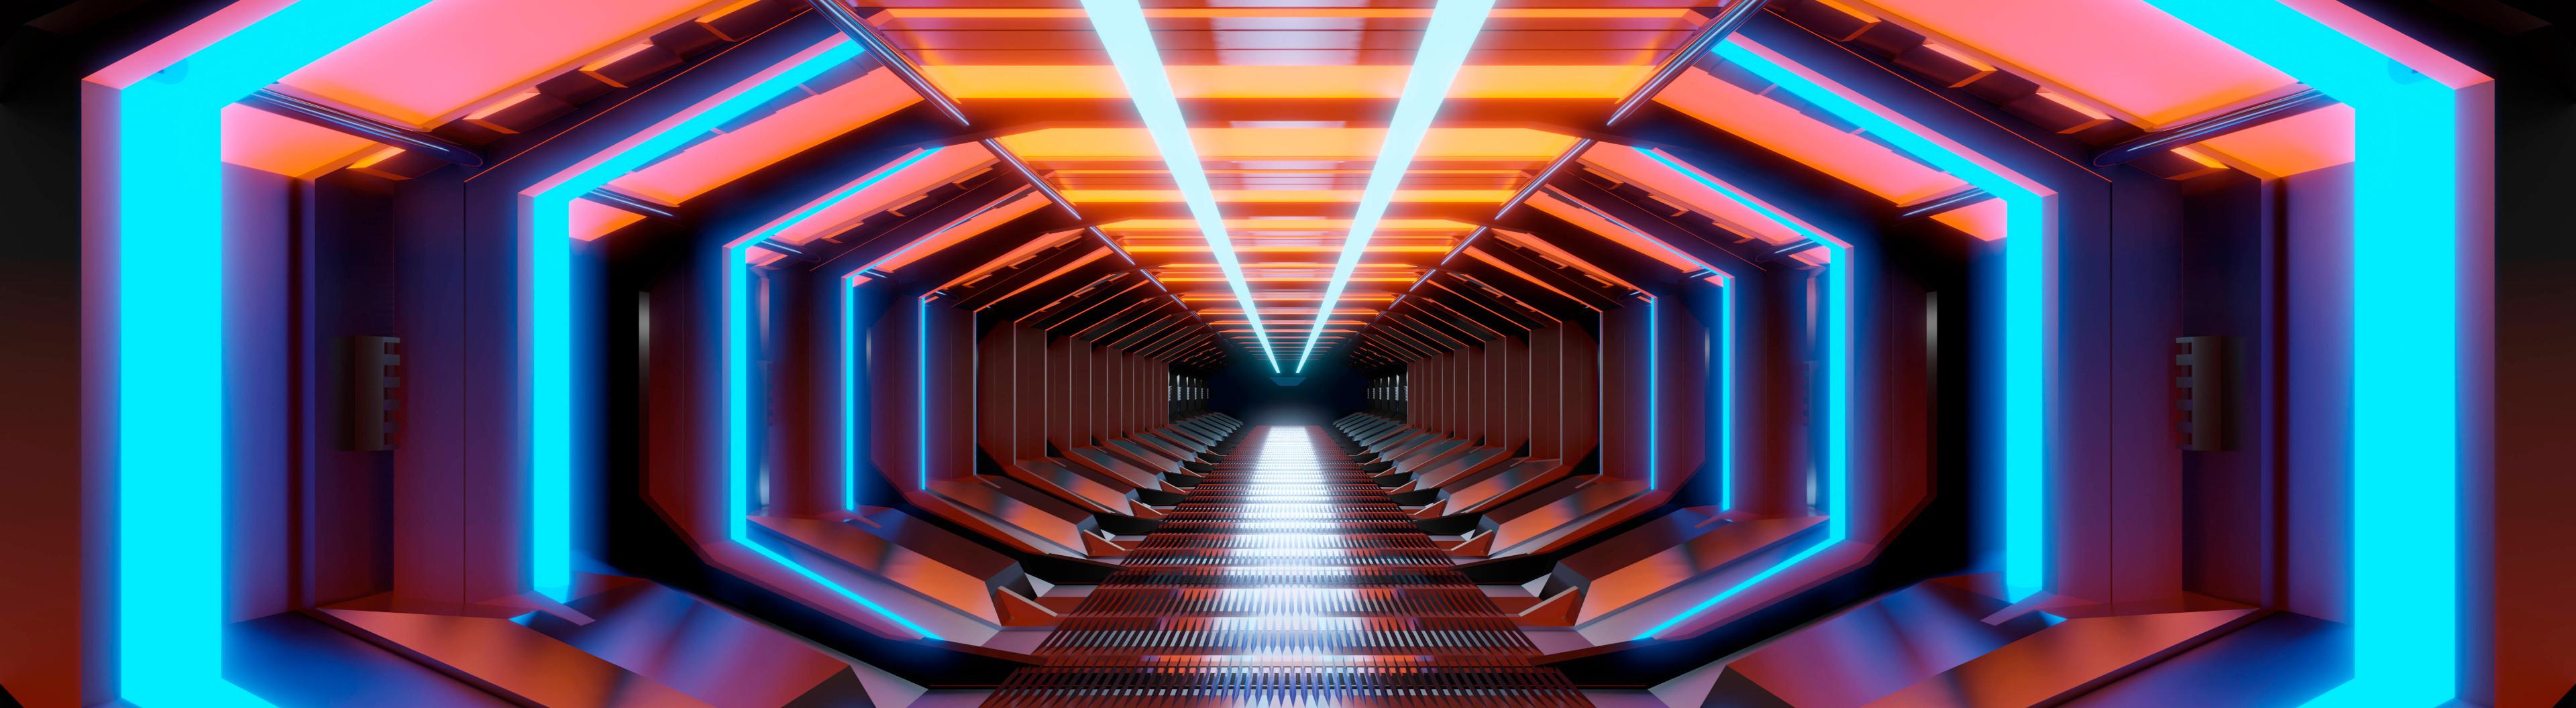 Lichtkanal mit verschiedenen Farben in Raumschiffoptik